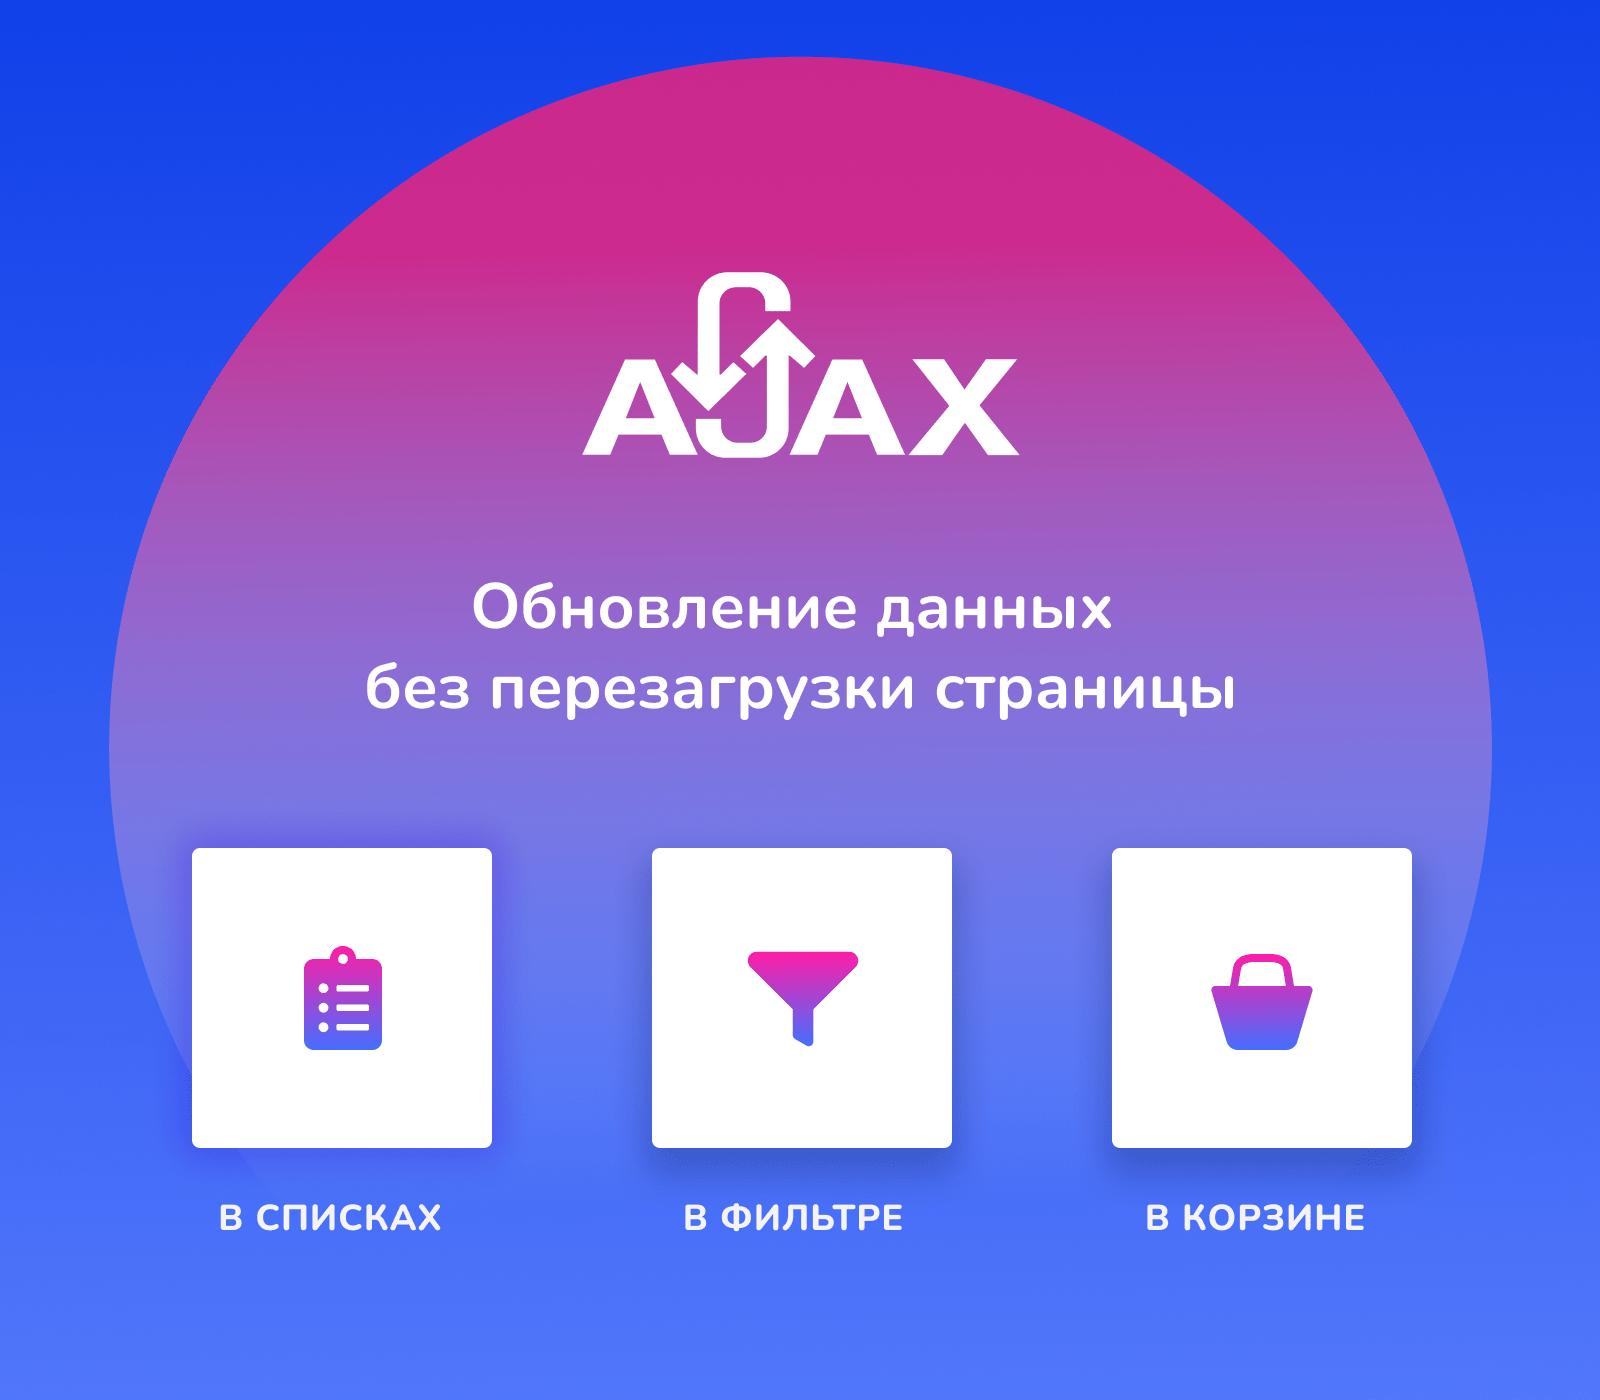 Ajax в списках, фильтре и корзине. Обновление данных без перезагрузки страницы